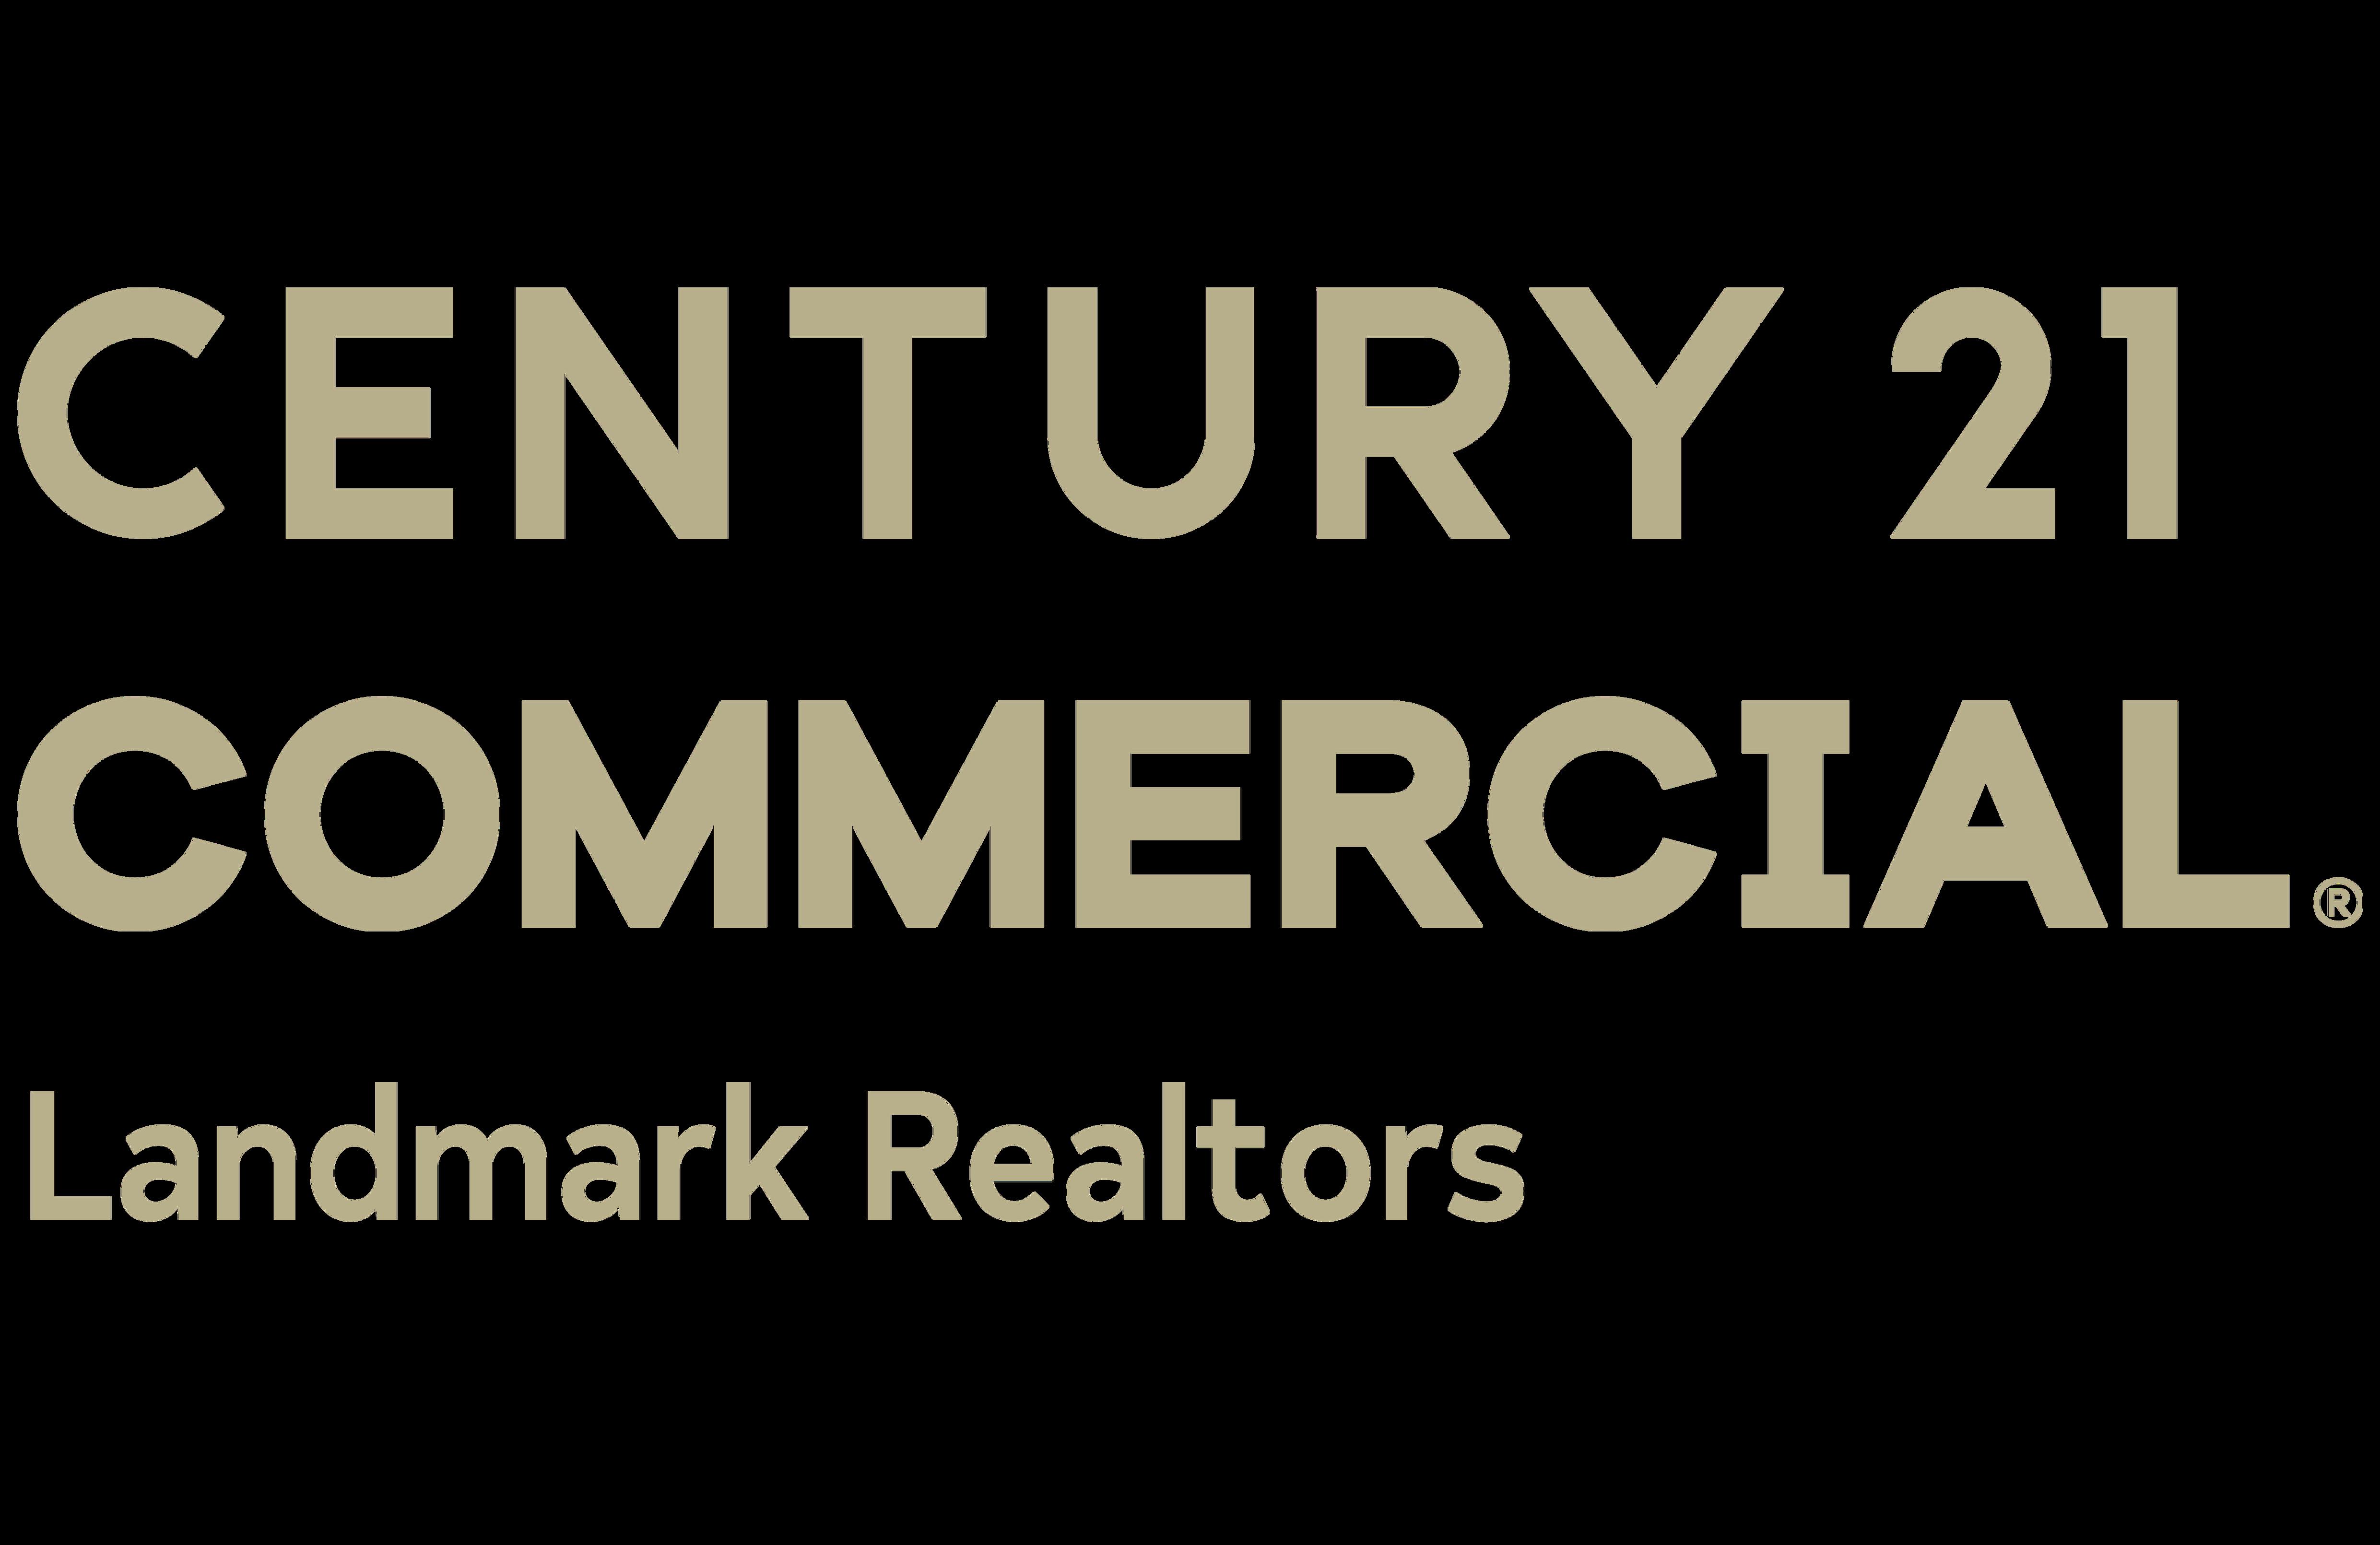 Jon Kietzer of CENTURY 21 Landmark Realtors logo